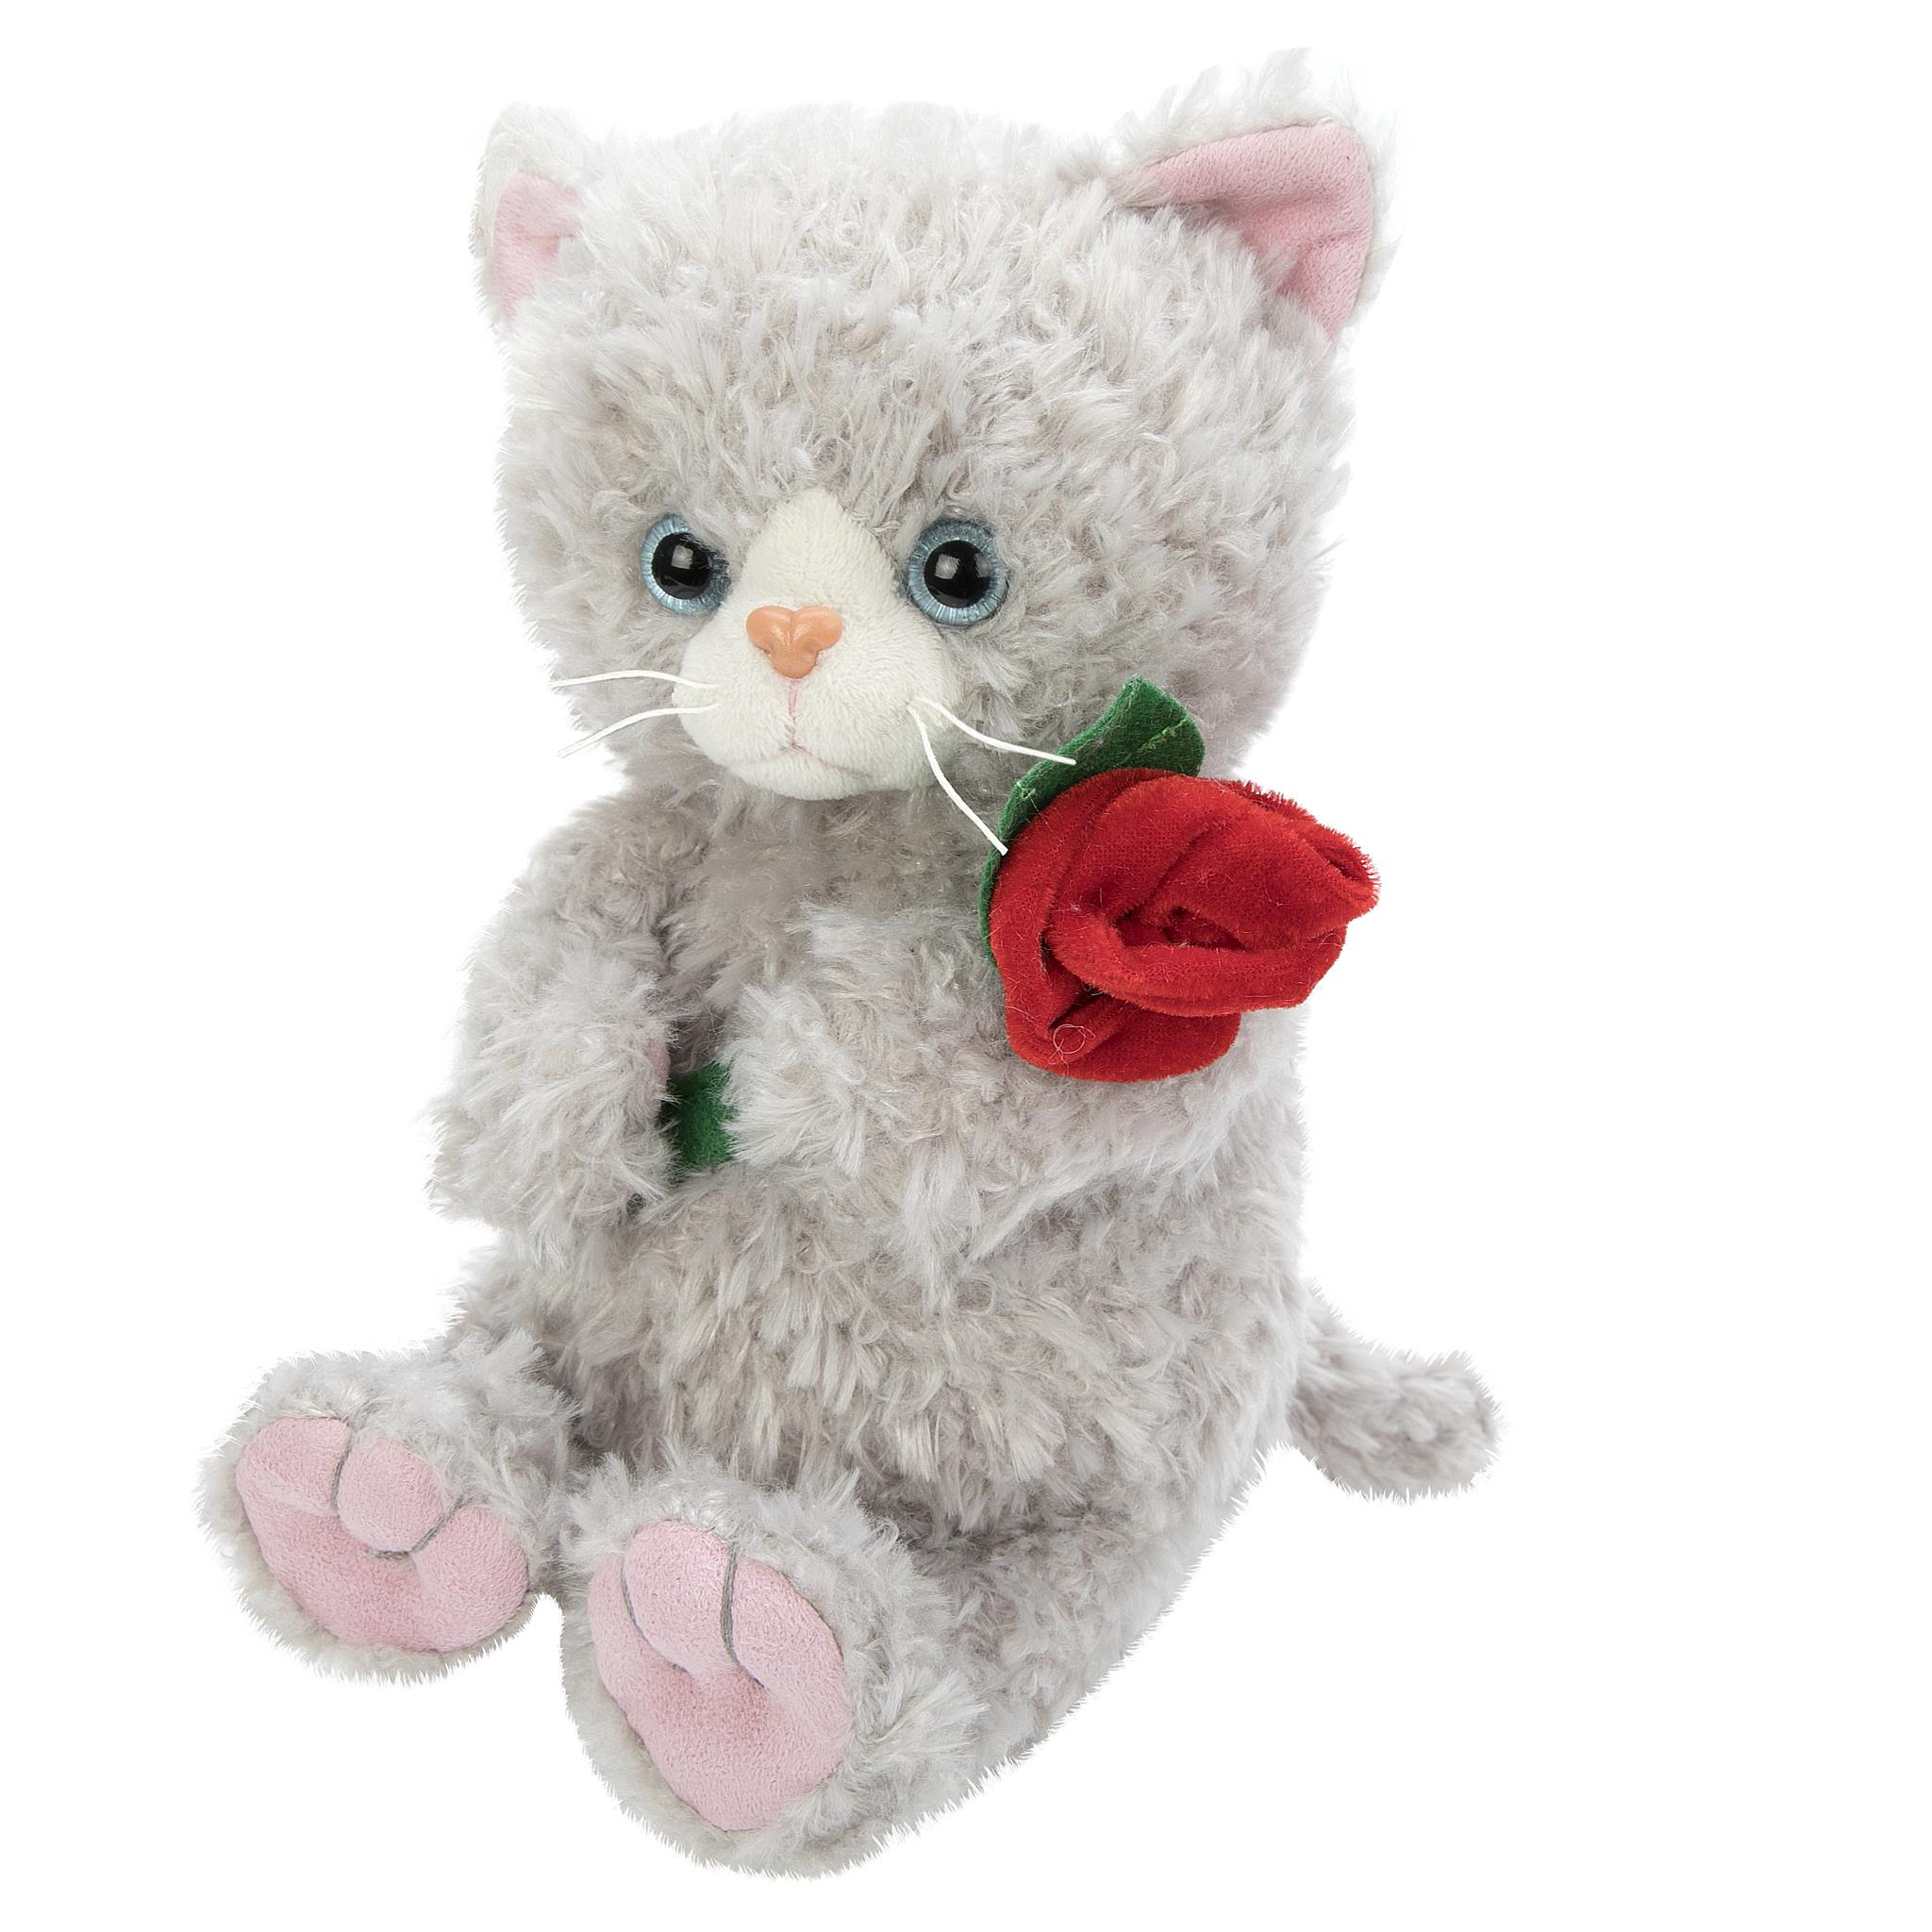 Мягкая игрушка Angel Collection Котик с цветком. Cat story мягкая игрушка котенок angel collection cat story поваренок искусственный мех 20 см 681344